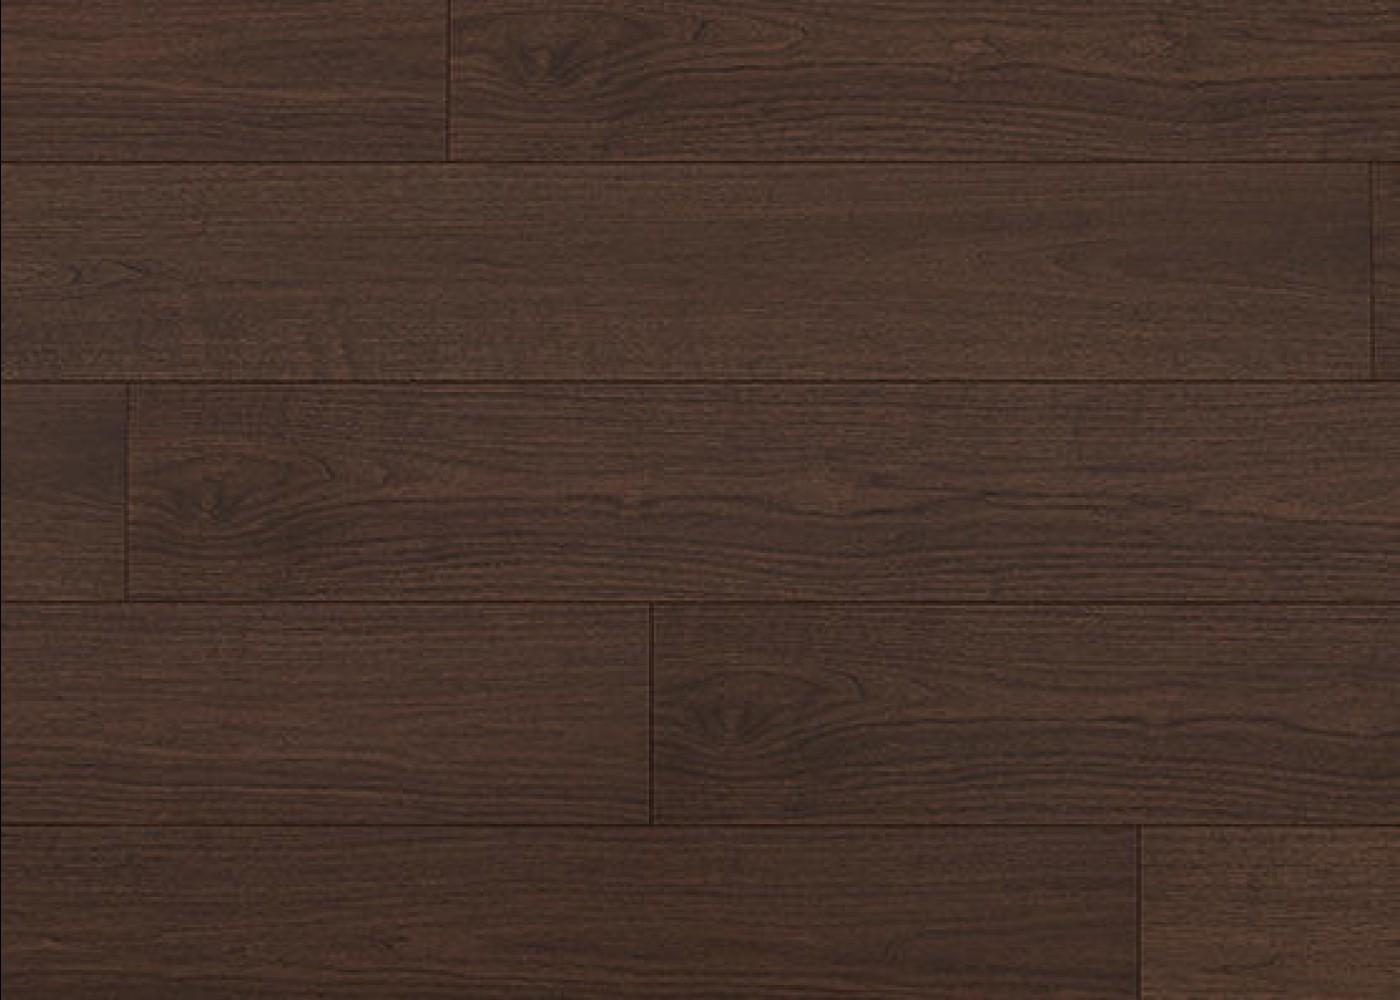 Sol plaqué bois Noyer Poudré brossé vernis extra-mat - Summit - Select 10x233x2050